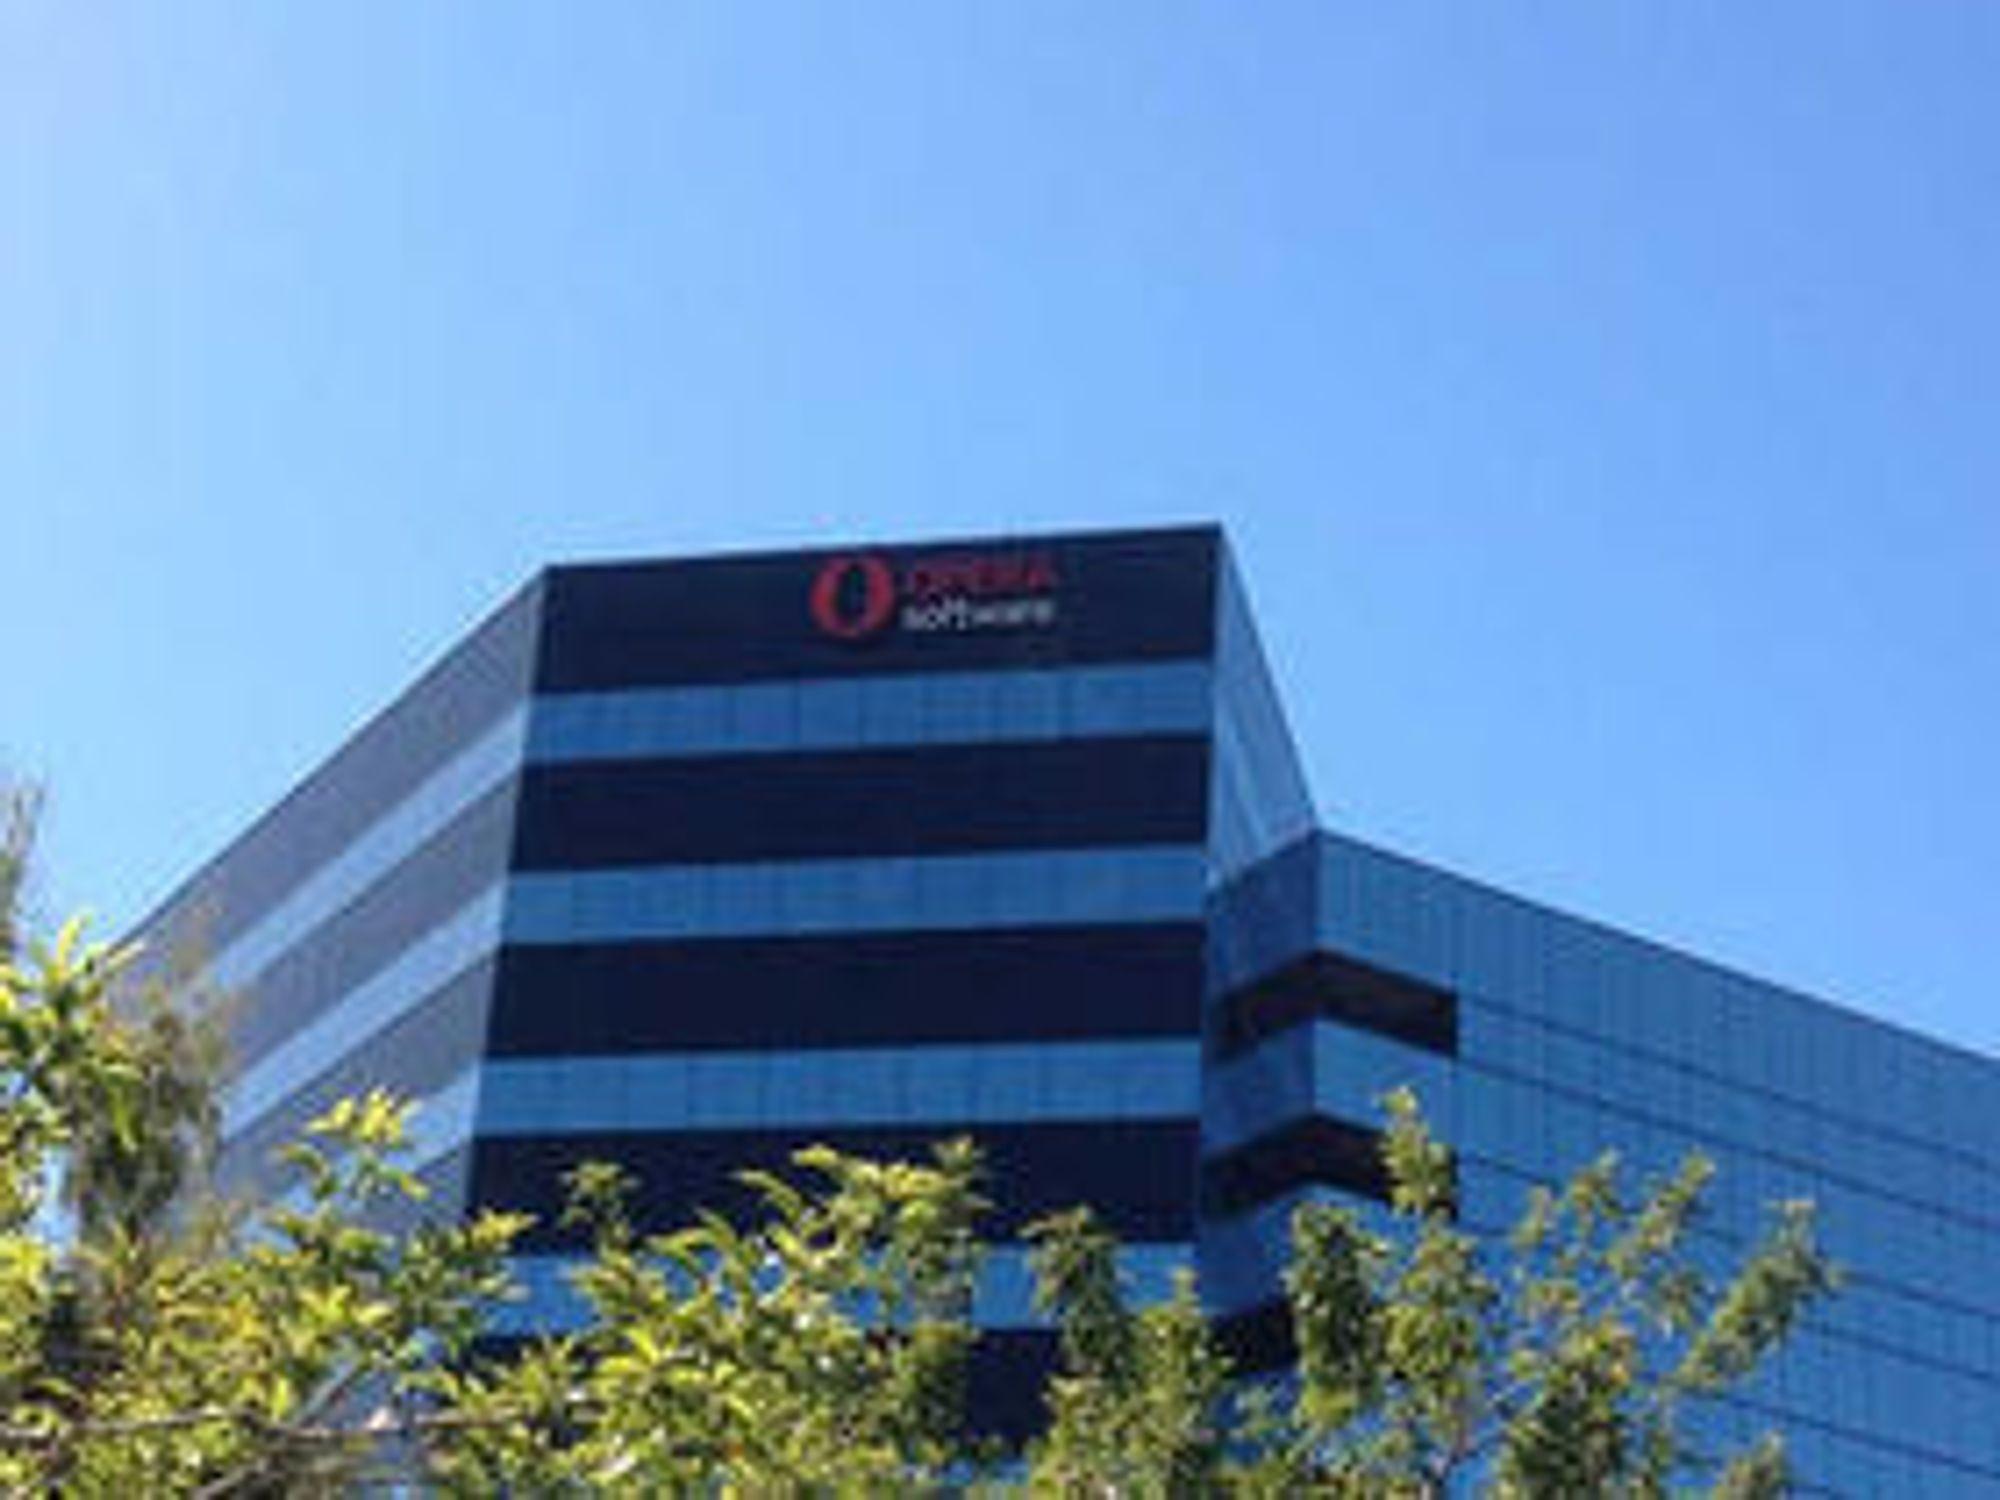 UTVIDER: Her fra Operas kontorbygg i San Mateo i hjertet av Silicon Valley.